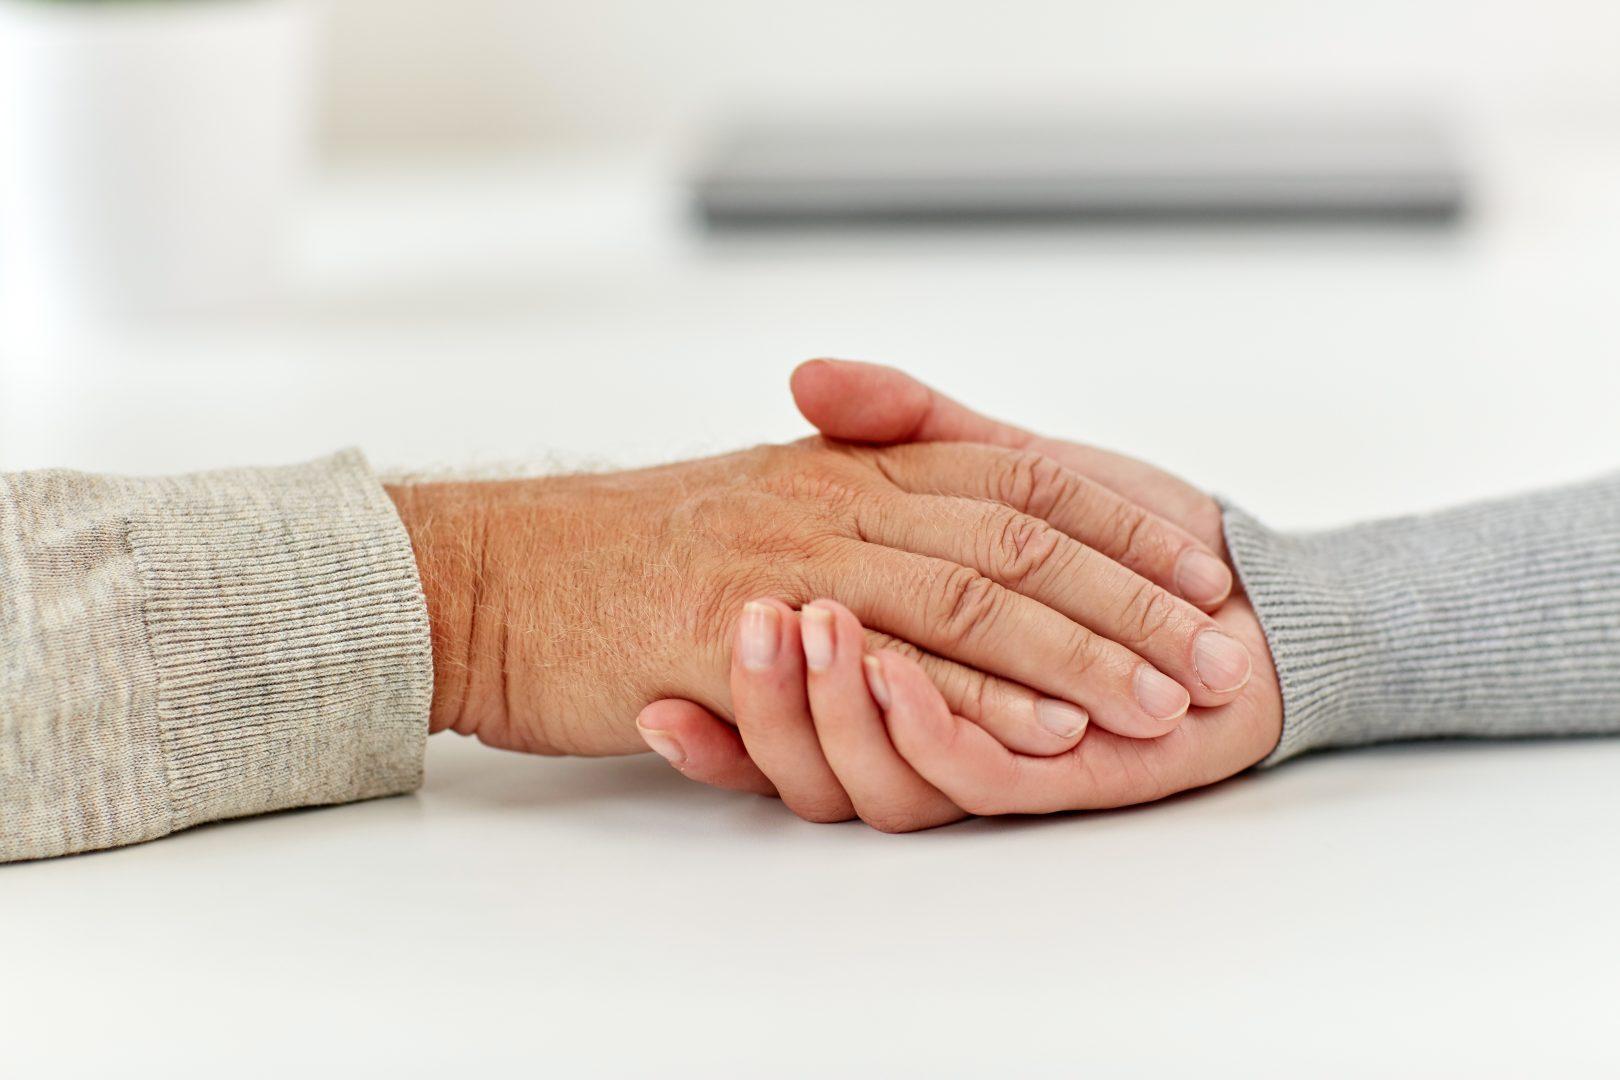 kas yra artritas plaštakų rankas jei sąnariai skauda ryte